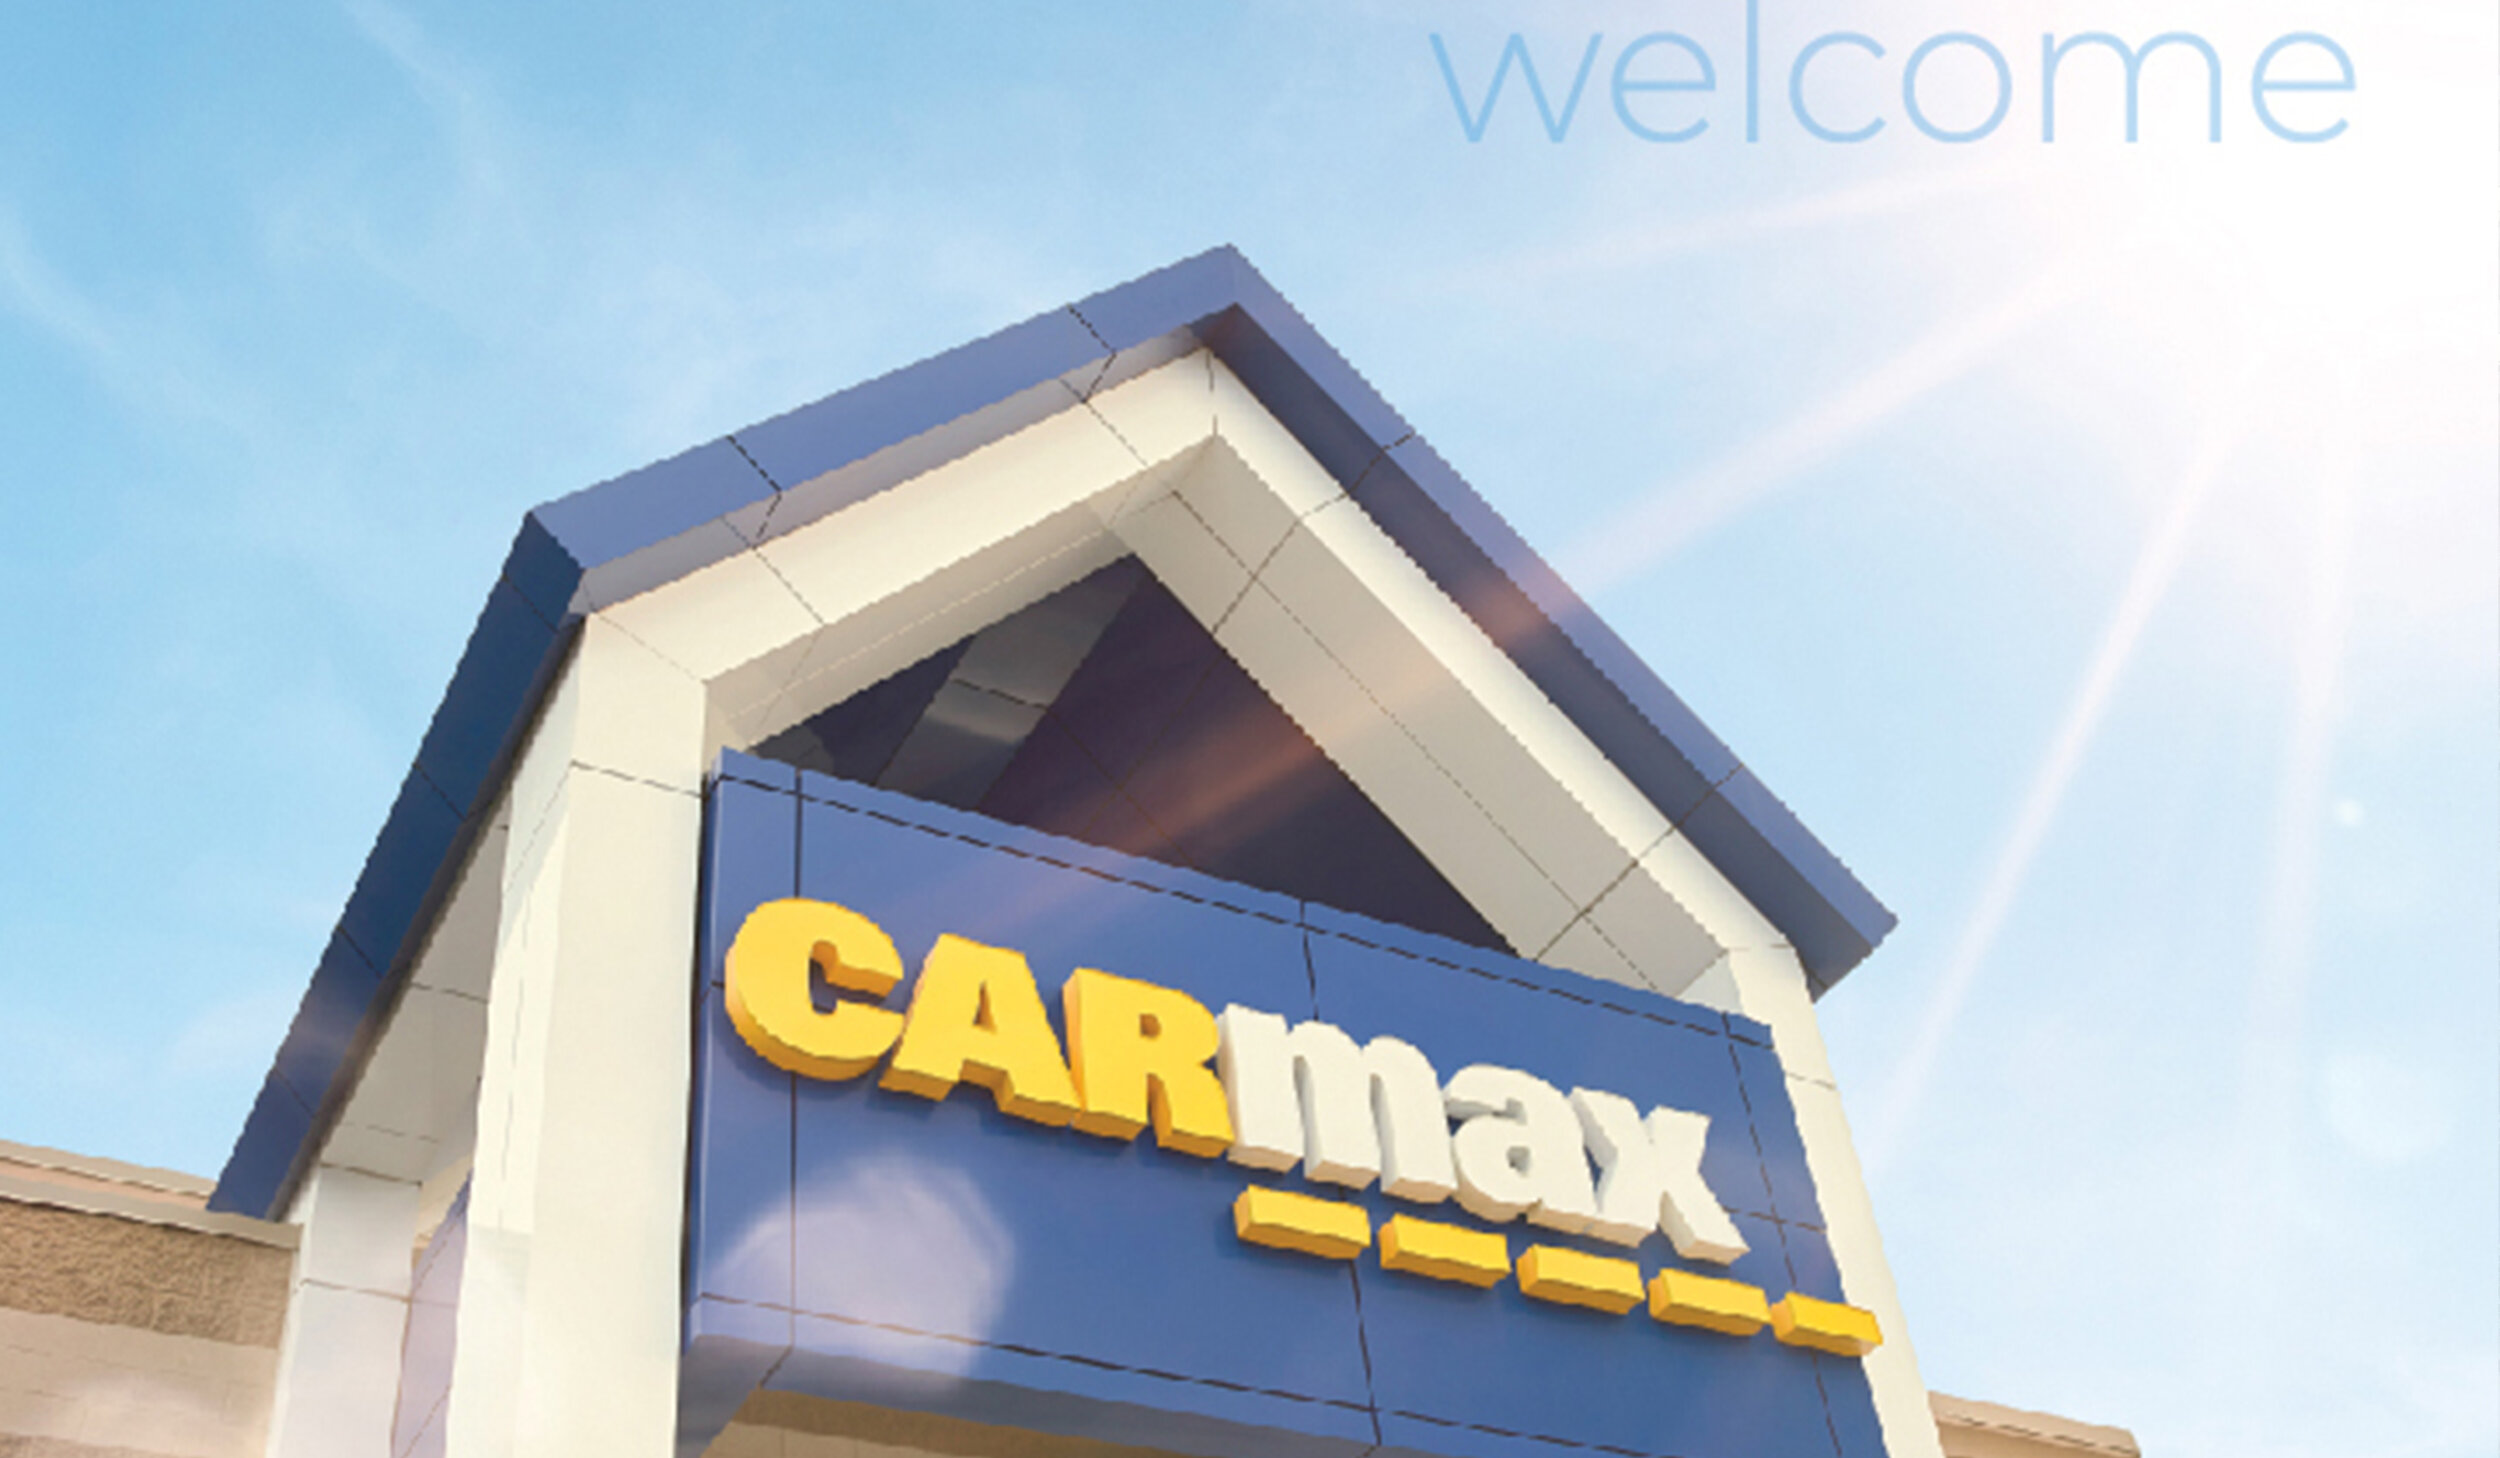 CARMAX   3D modeling, still illustrations, marketing  EXPLORE